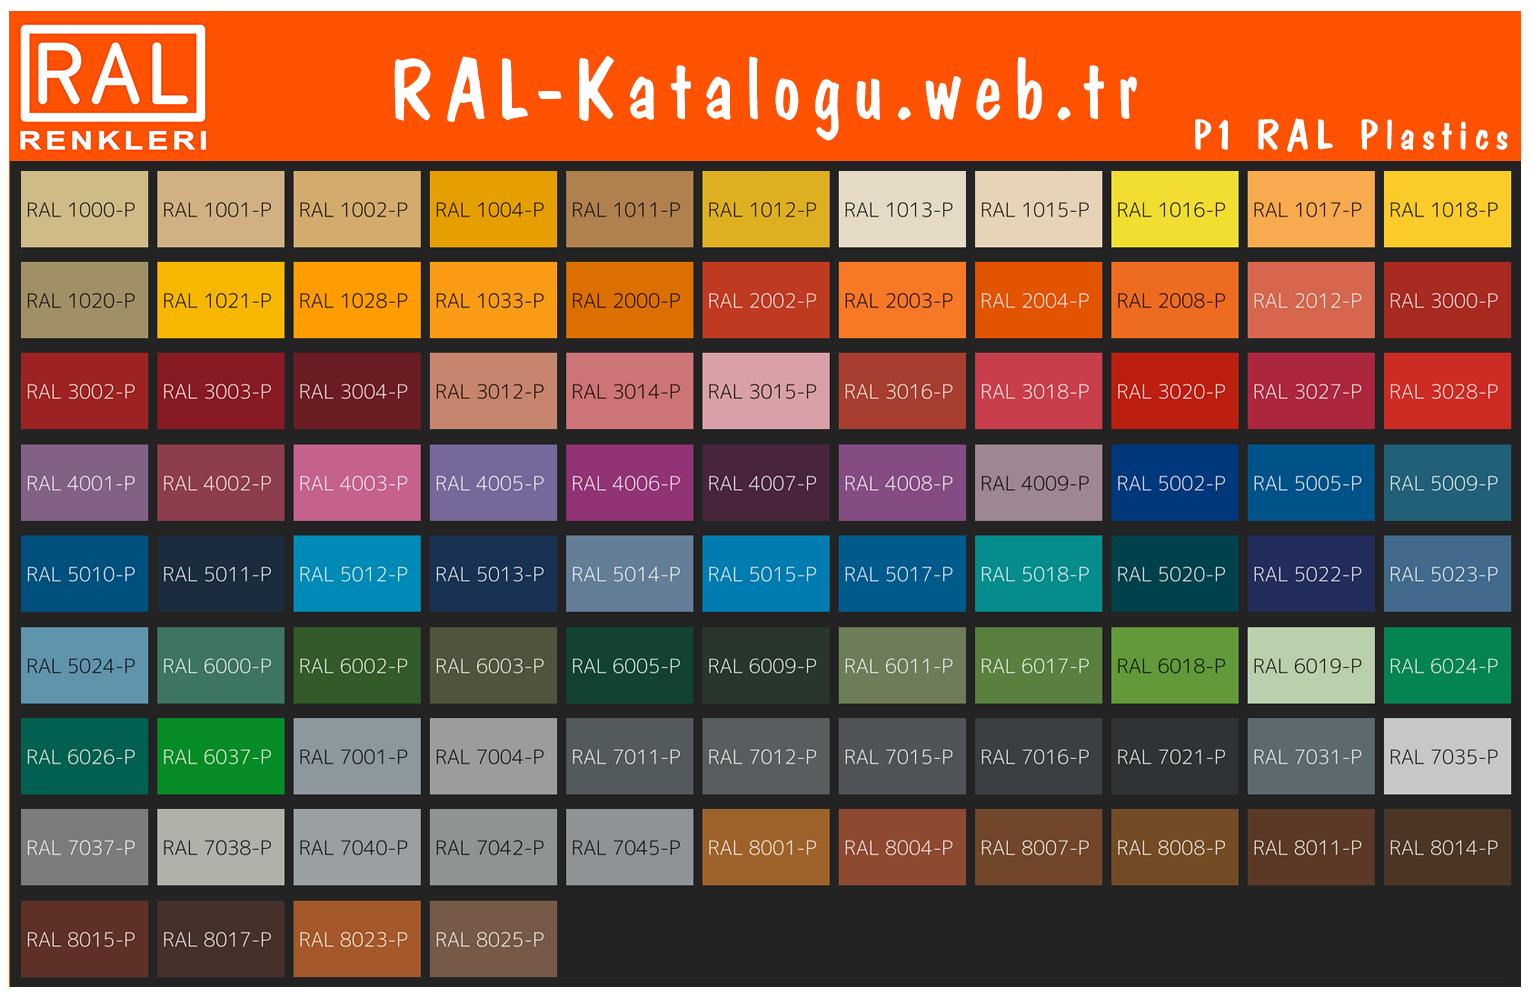 RAL P1 Plastik renkleri kataloğu kartelasi